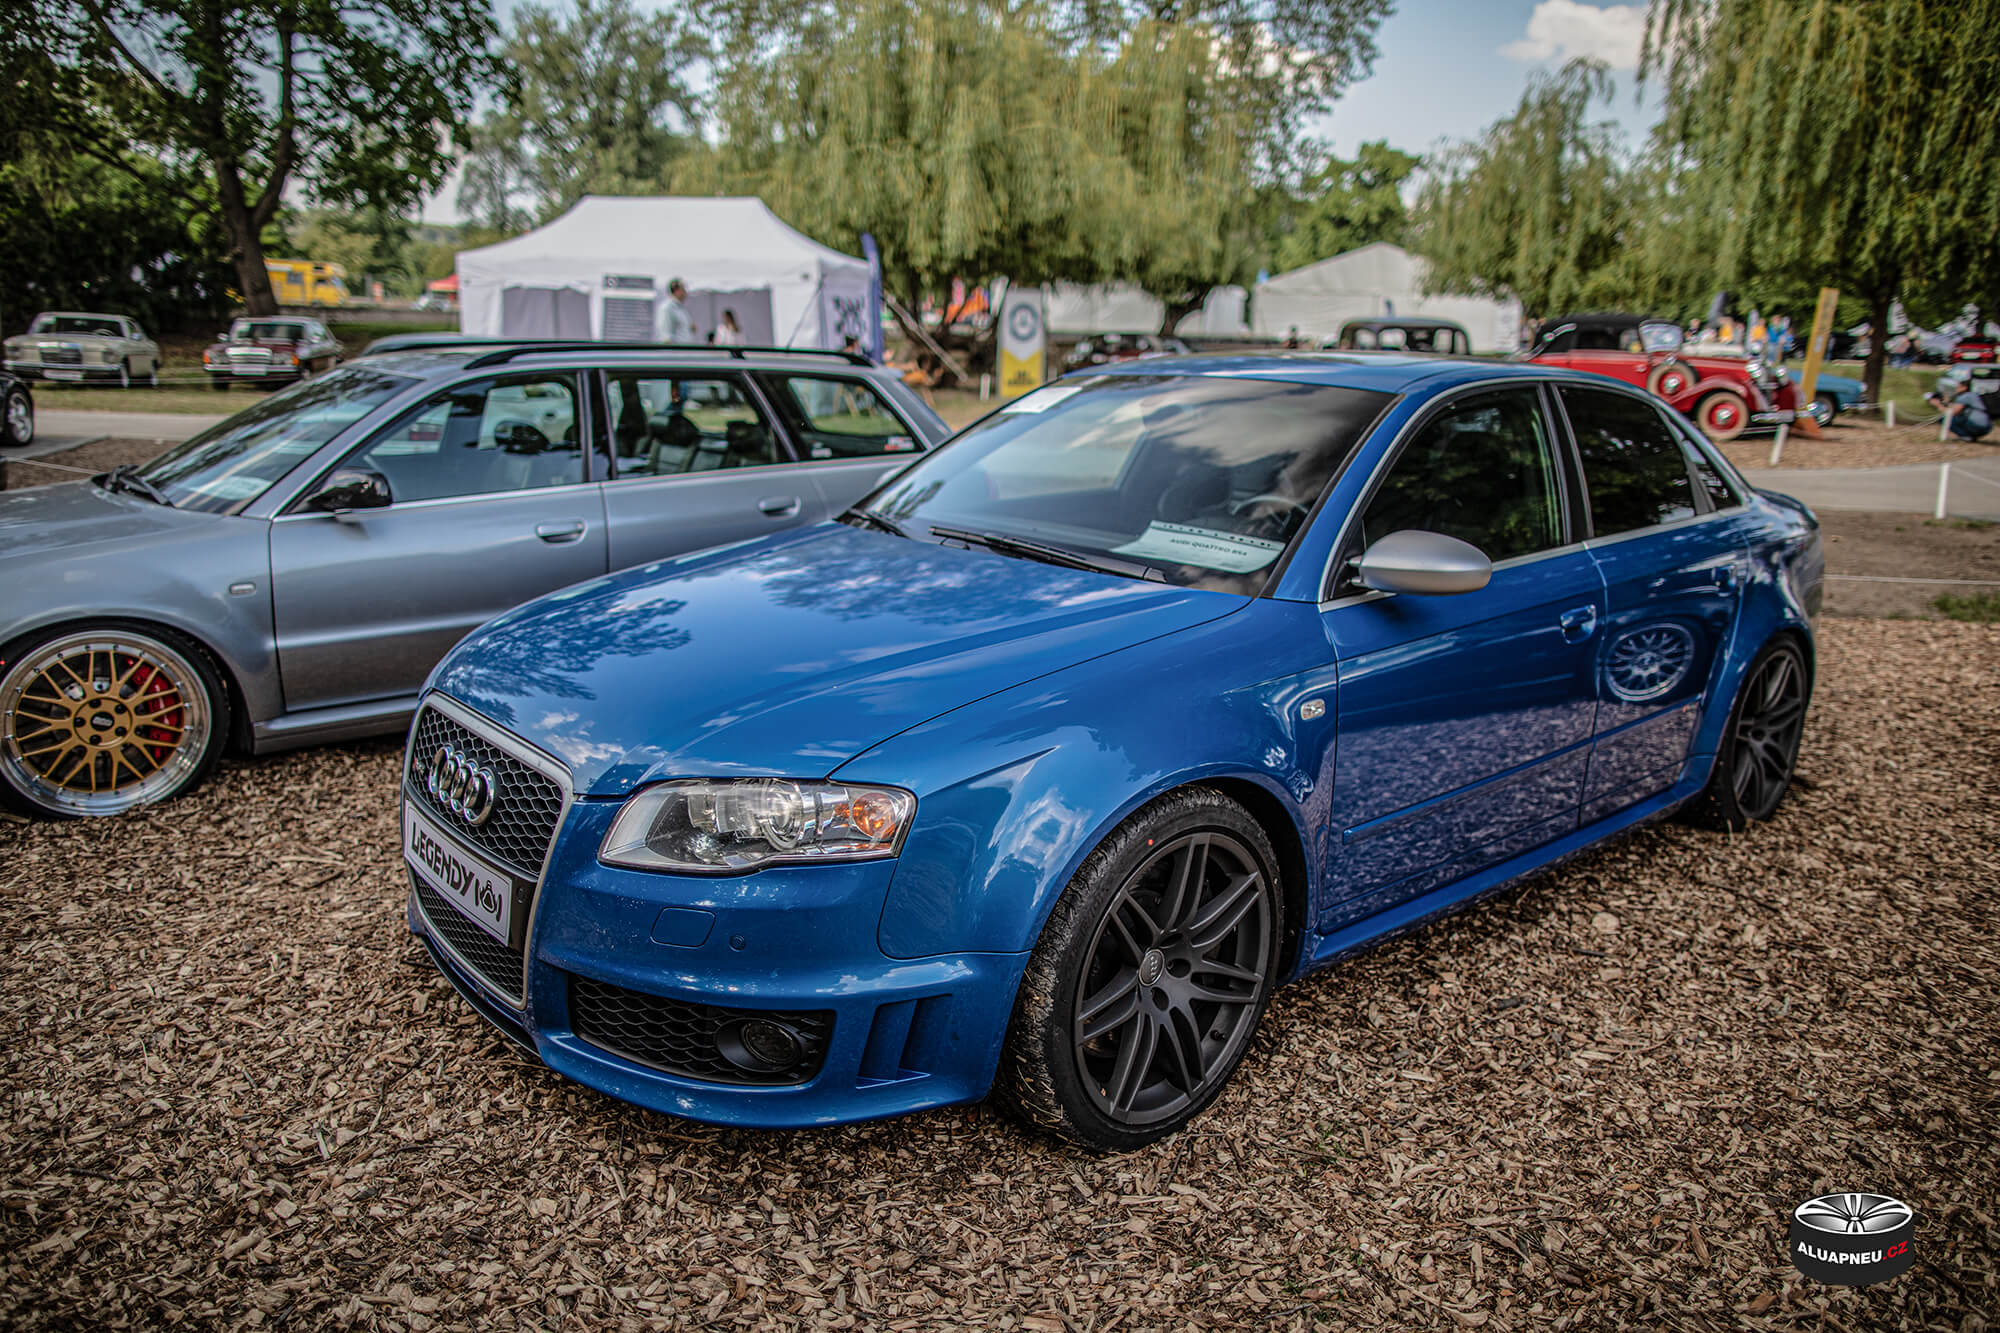 Originál alukola Audi Rs4 - Automobilové Legendy 2019 - www.aluapneu.cz